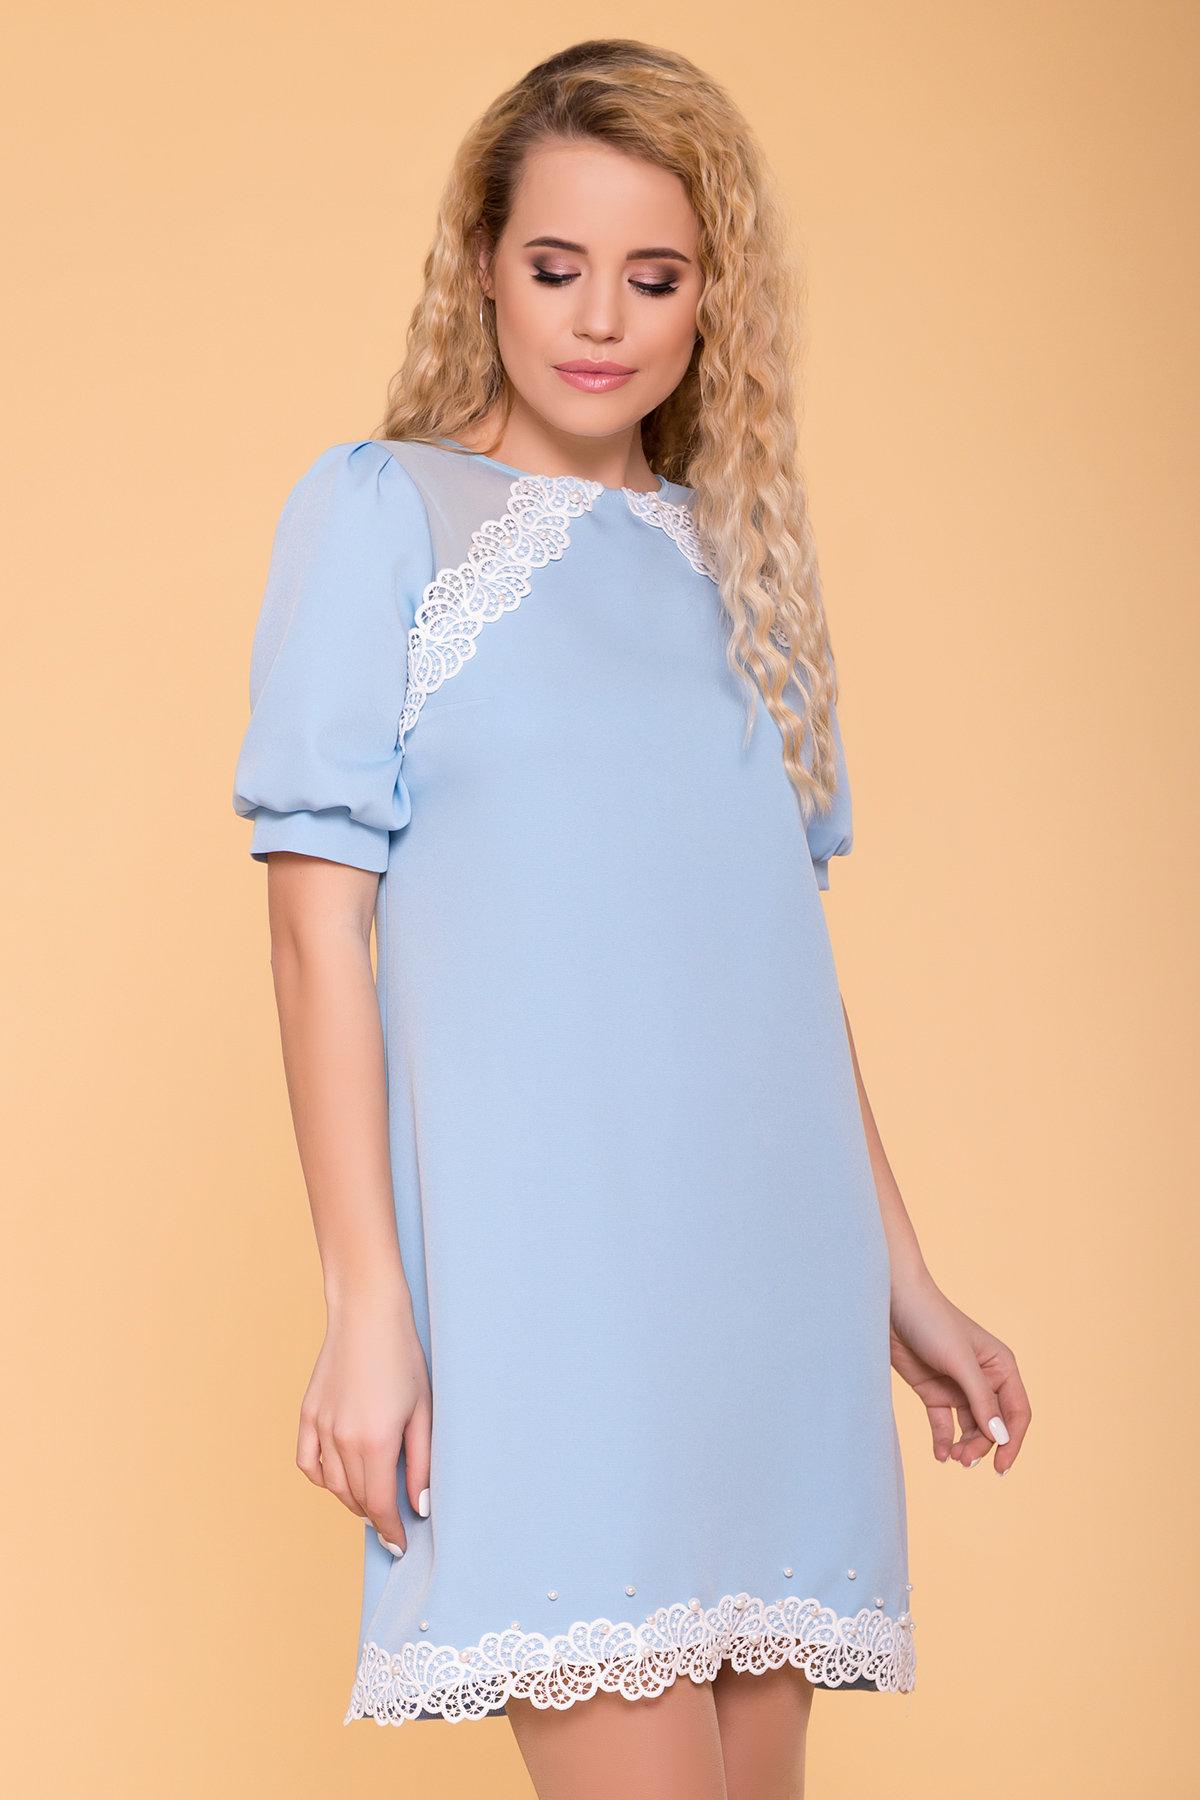 Платье с рукавом фонарик Алексис 6650 АРТ. 41755 Цвет: Голубой - фото 3, интернет магазин tm-modus.ru